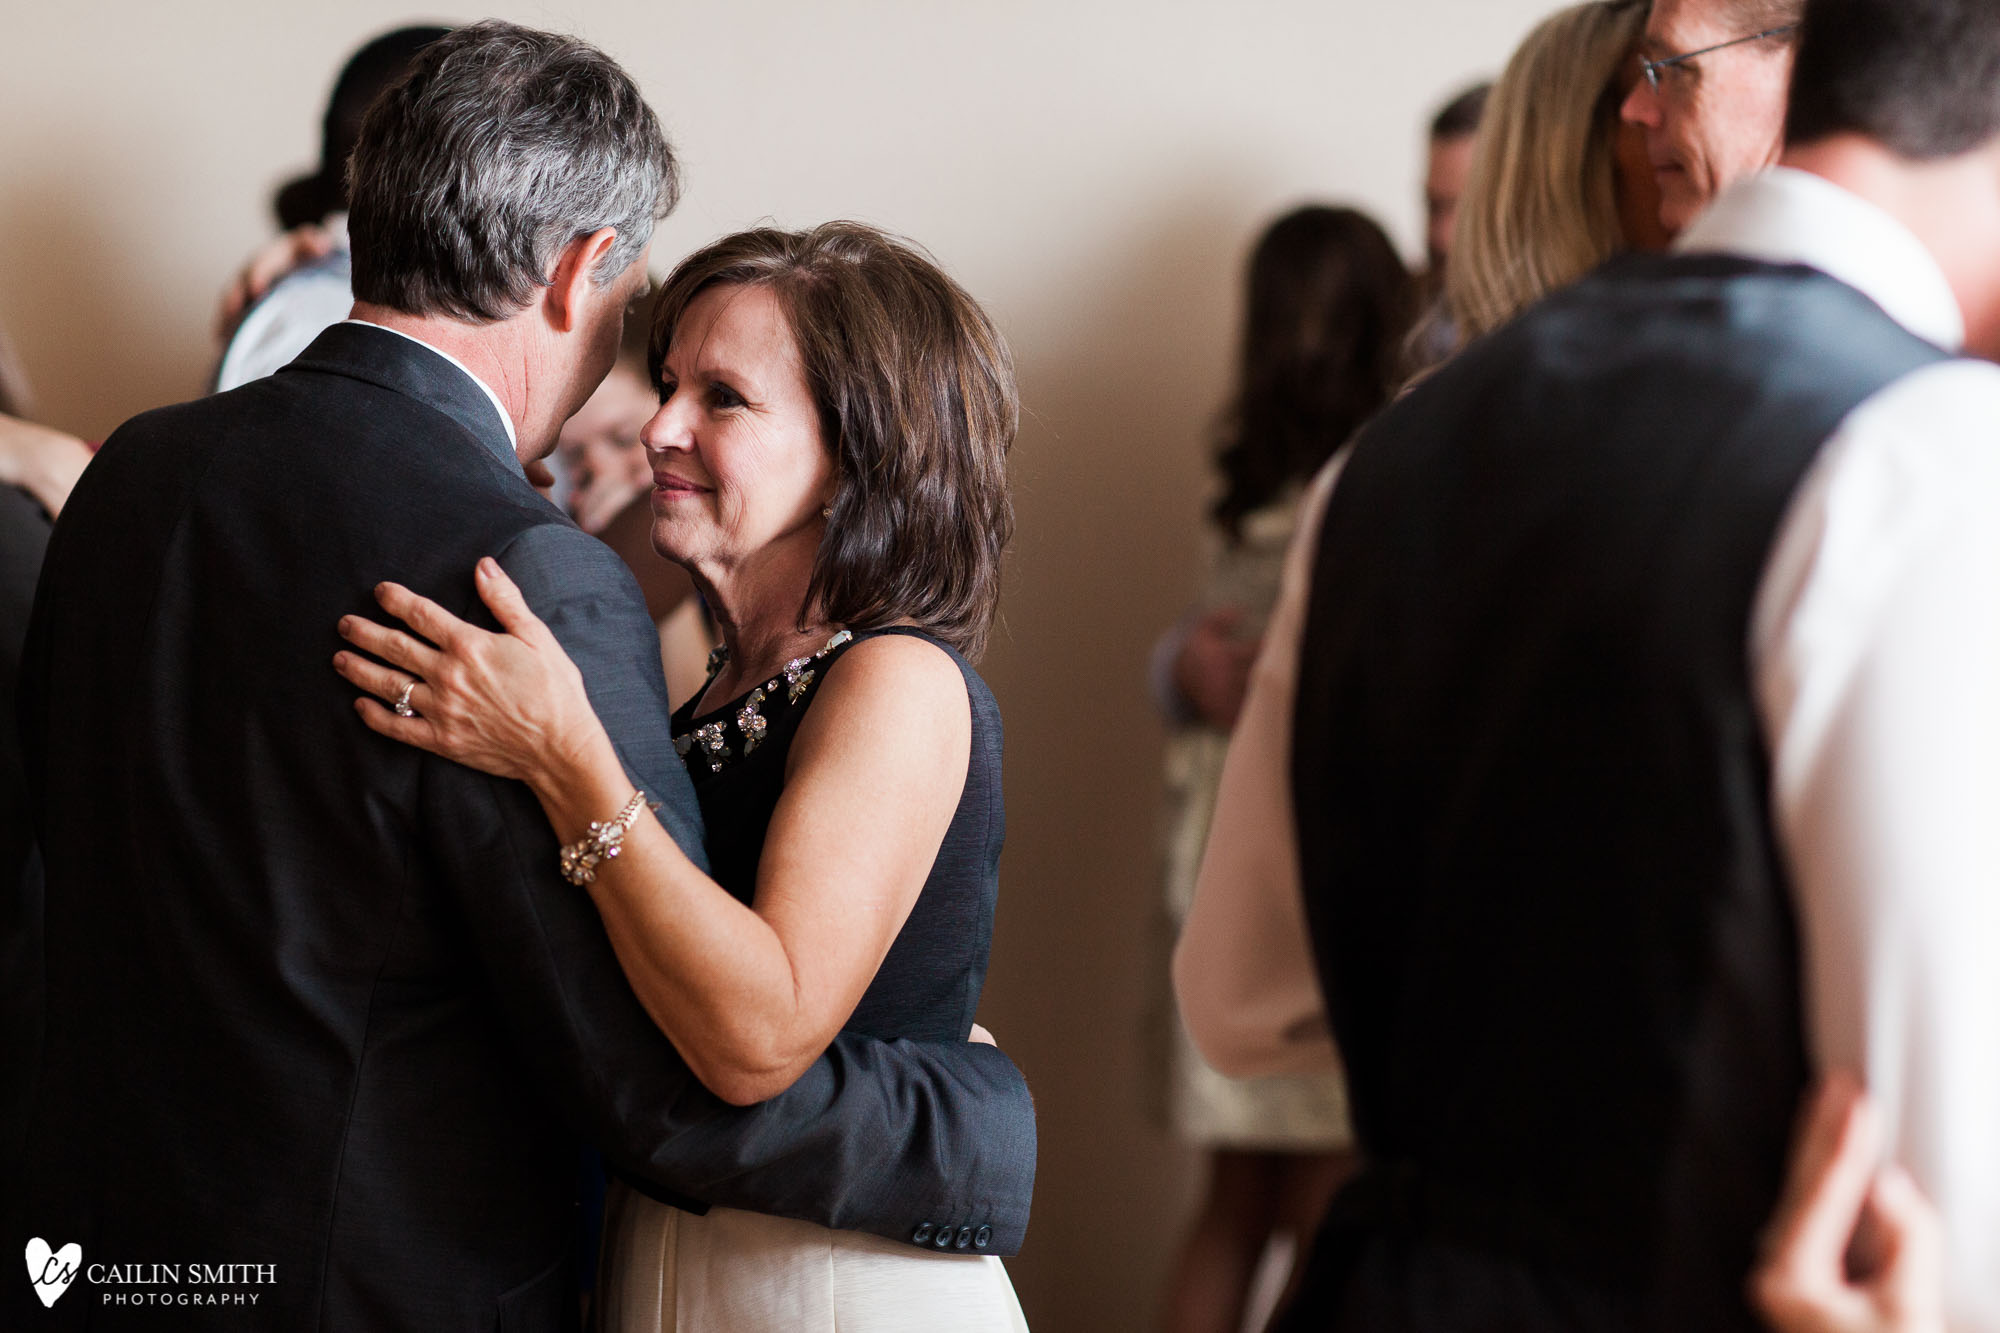 Leah_Major_St_Marys_Wedding_Photography_122.jpg